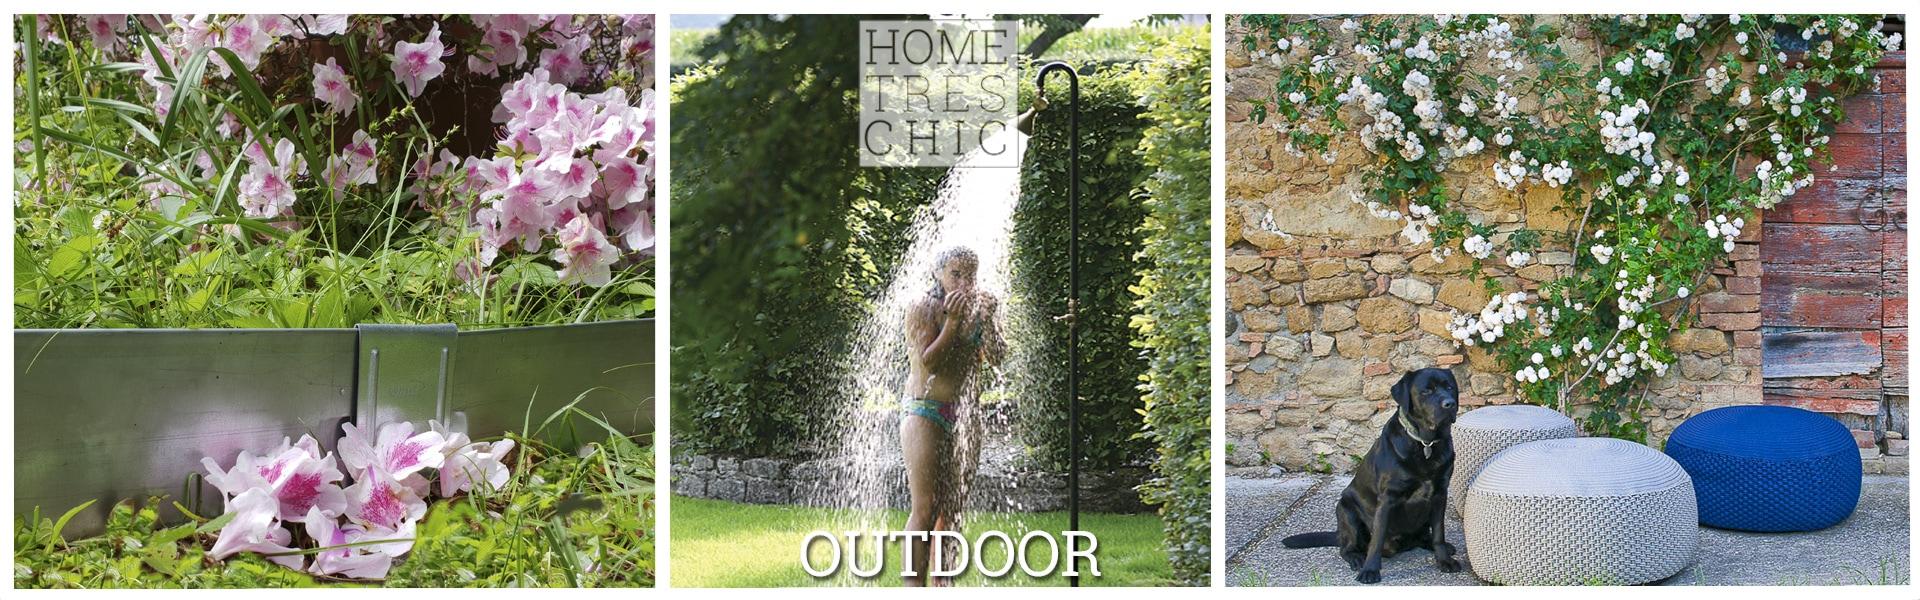 Immagine articoli Outdoor per Homepage di Hometrèschic